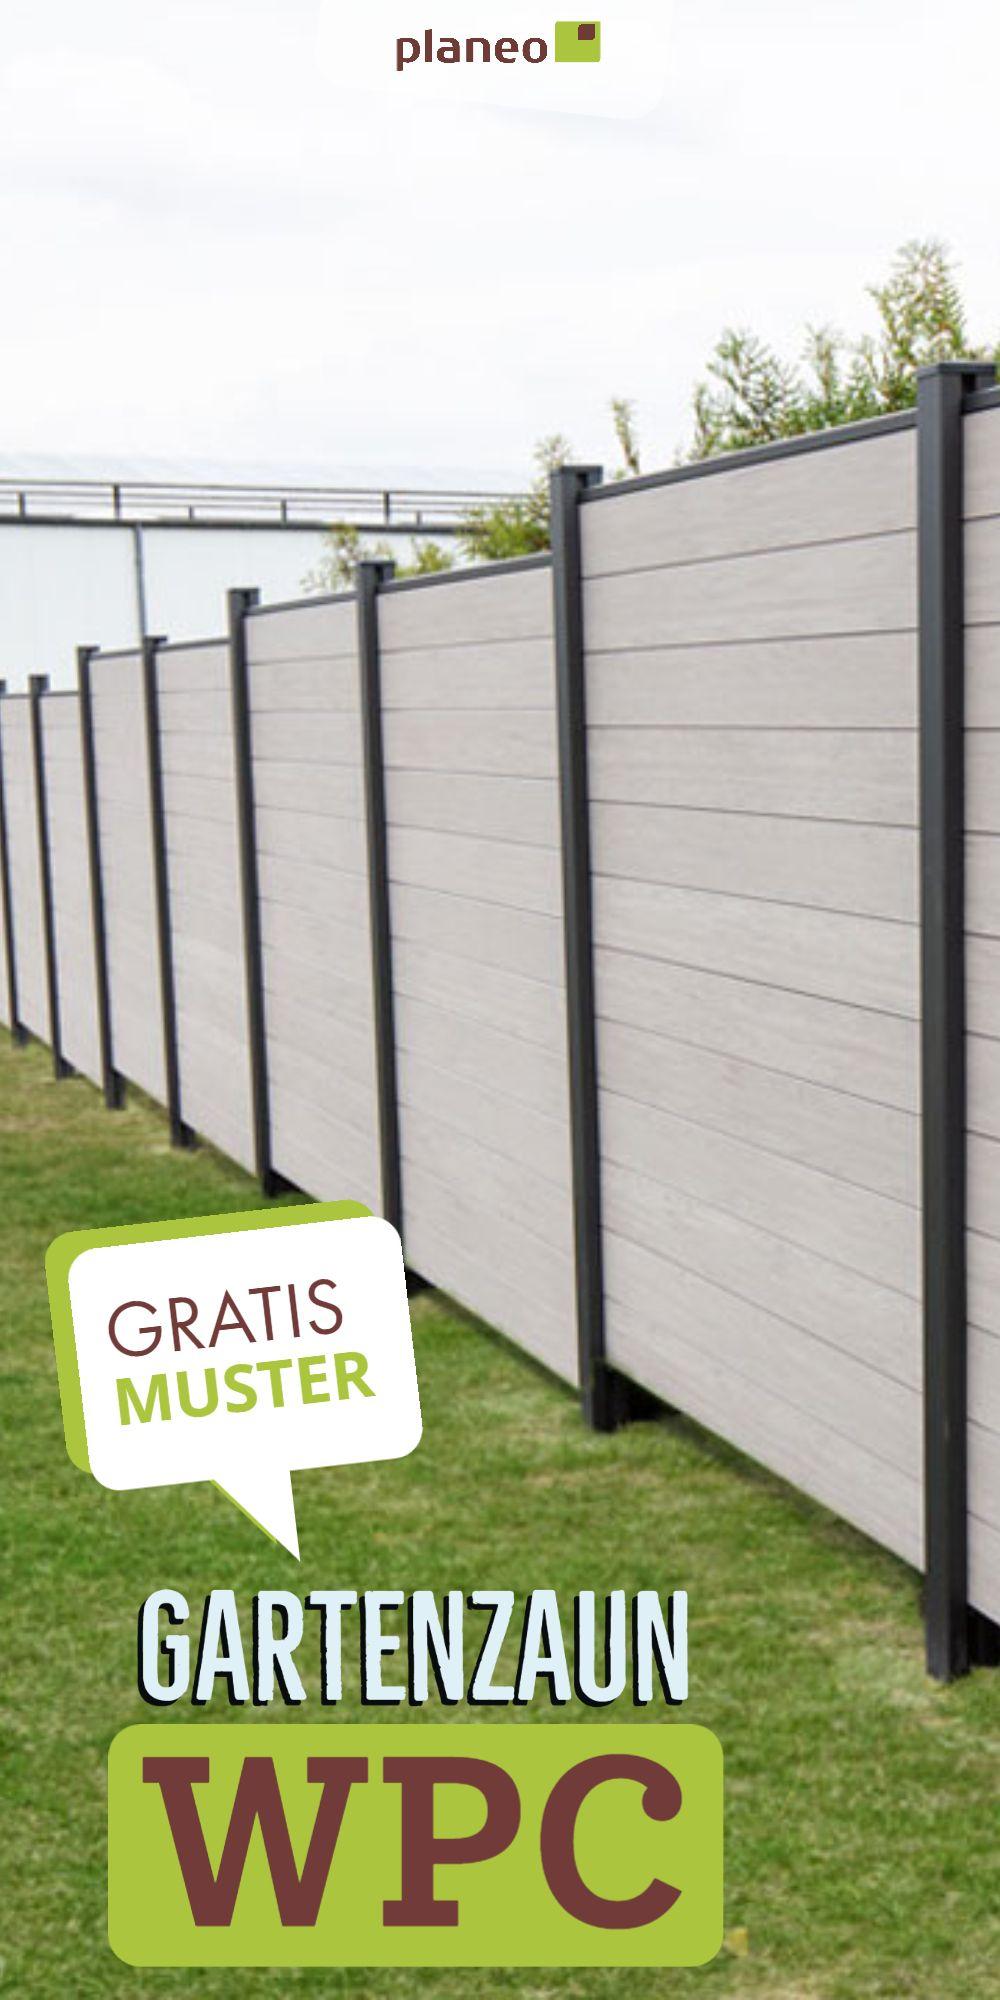 Gartenzaun Wpc Tolle Ideen Fur Deinen Sichtschutz Moderne Und Langlebige Zaunelemente Gartenzaun Terrasse Zaun Zaun